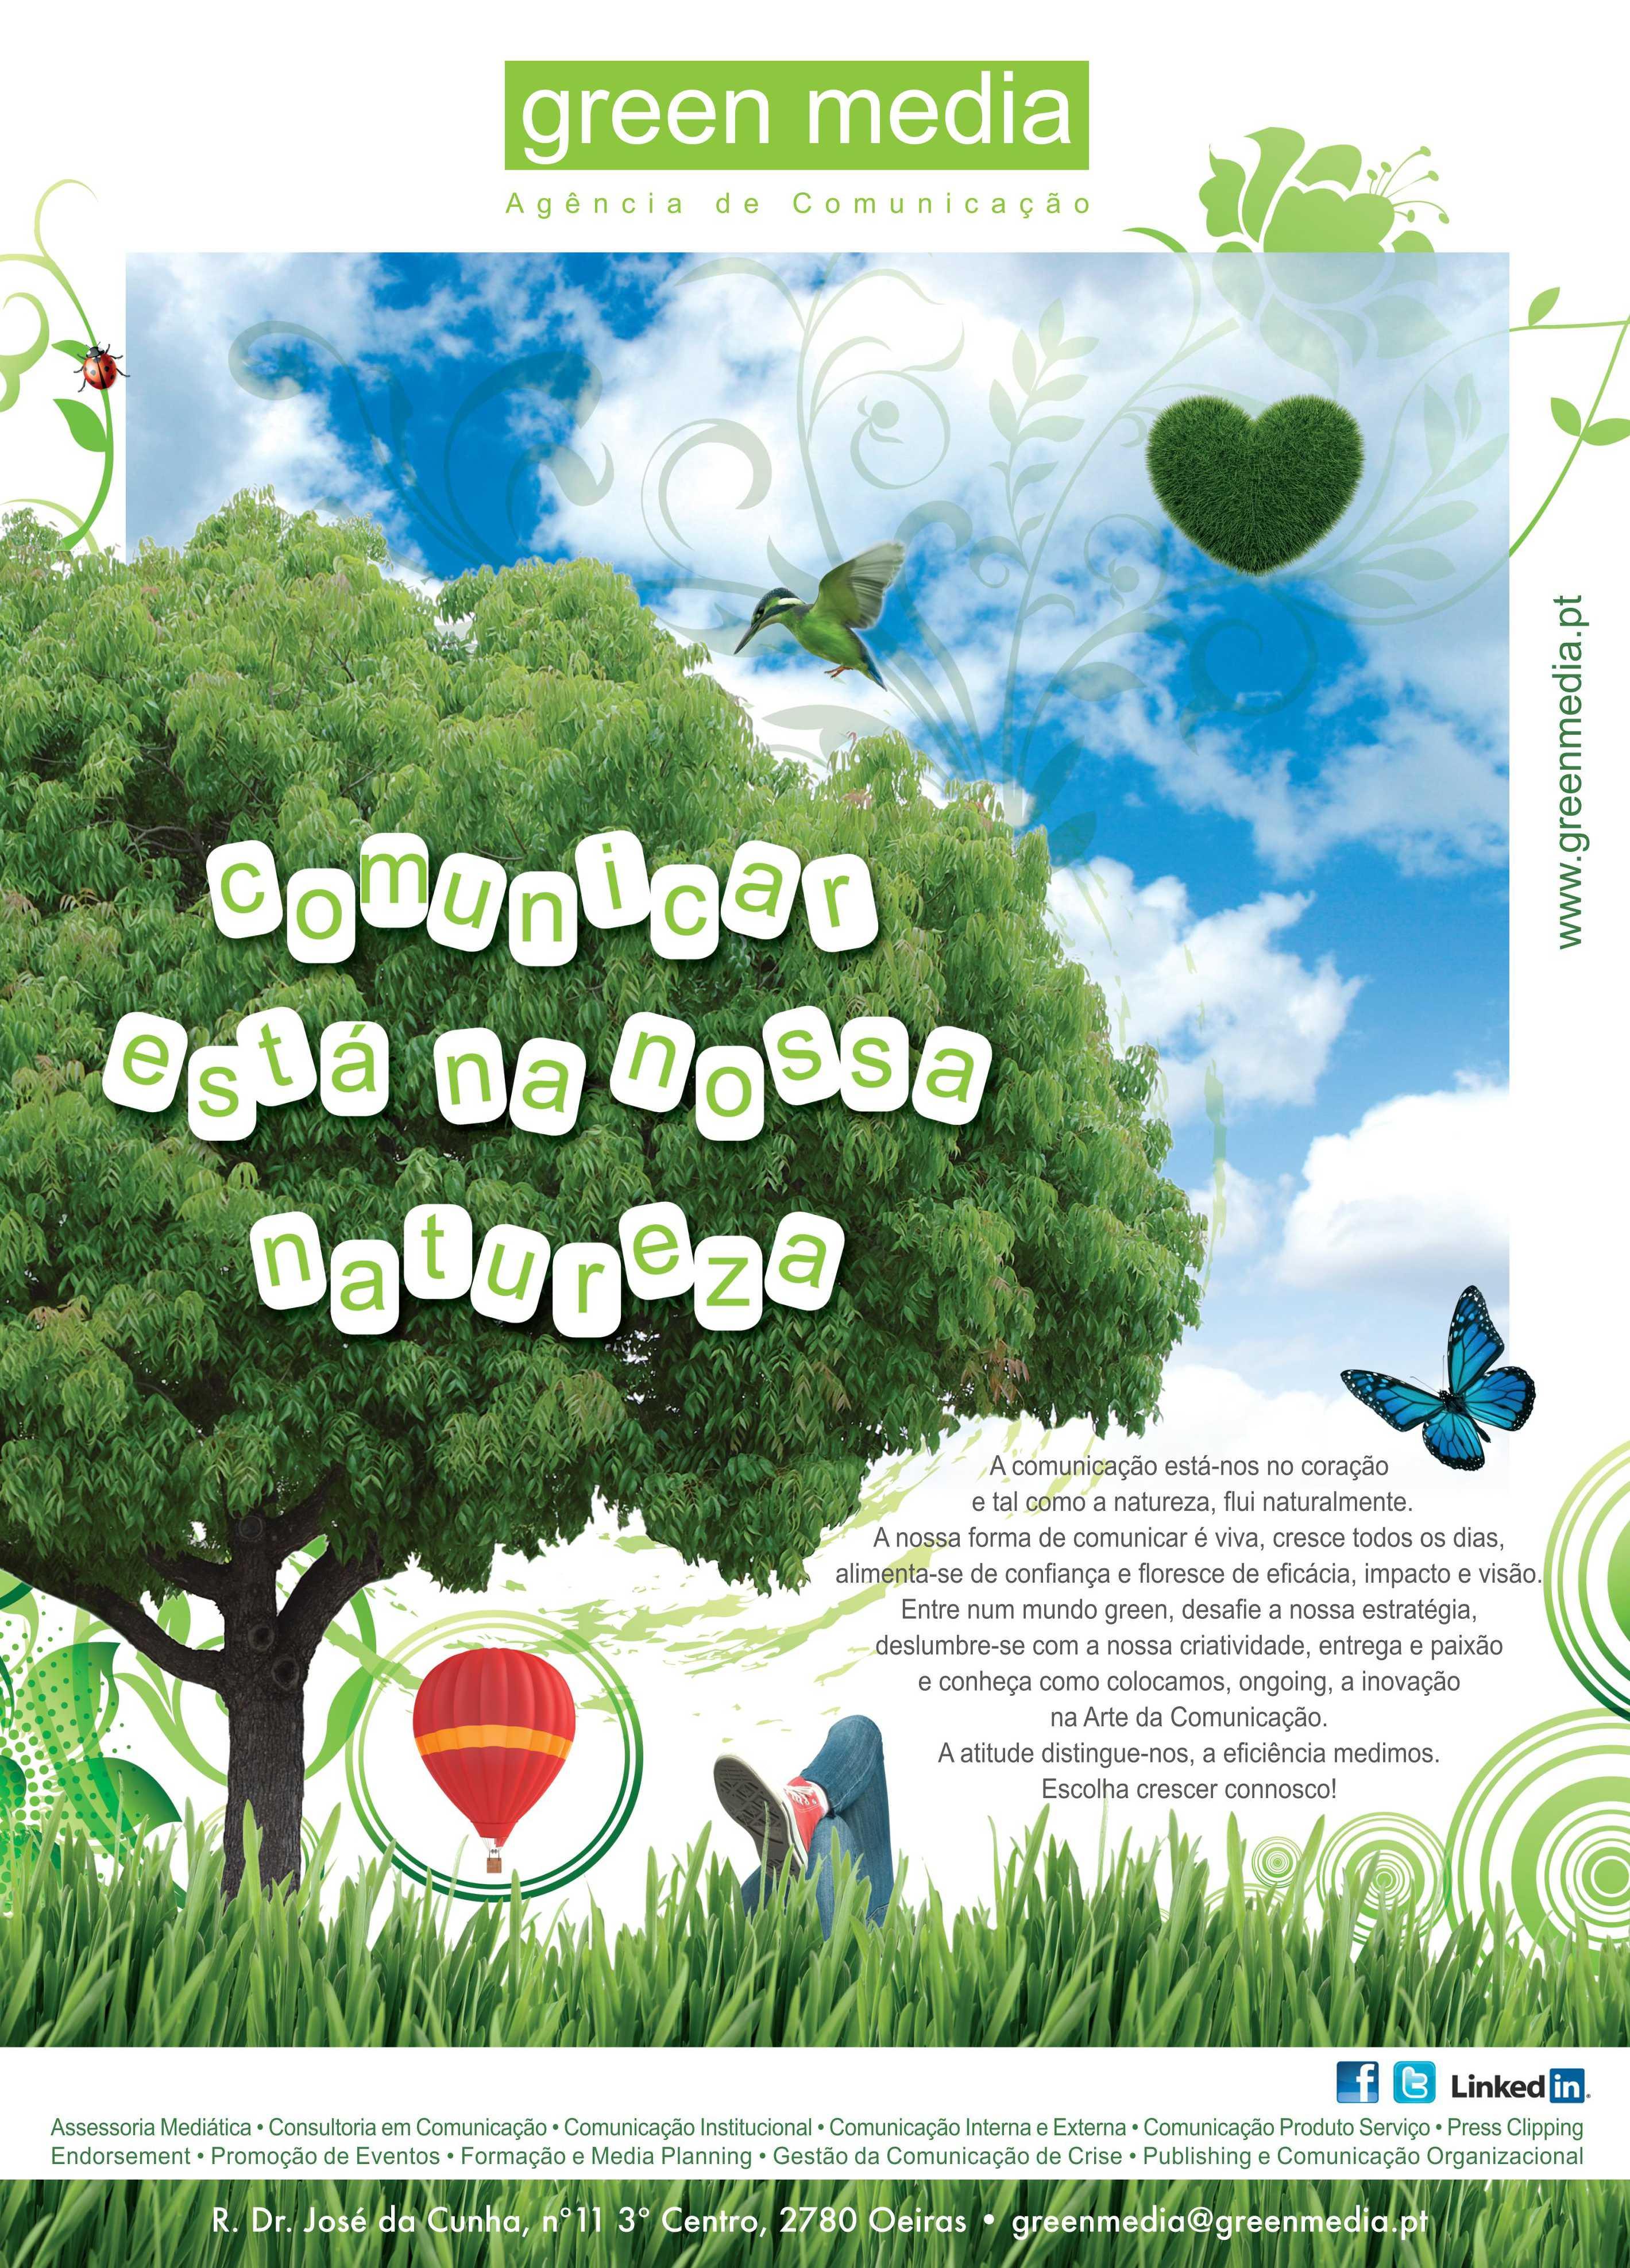 Green Media